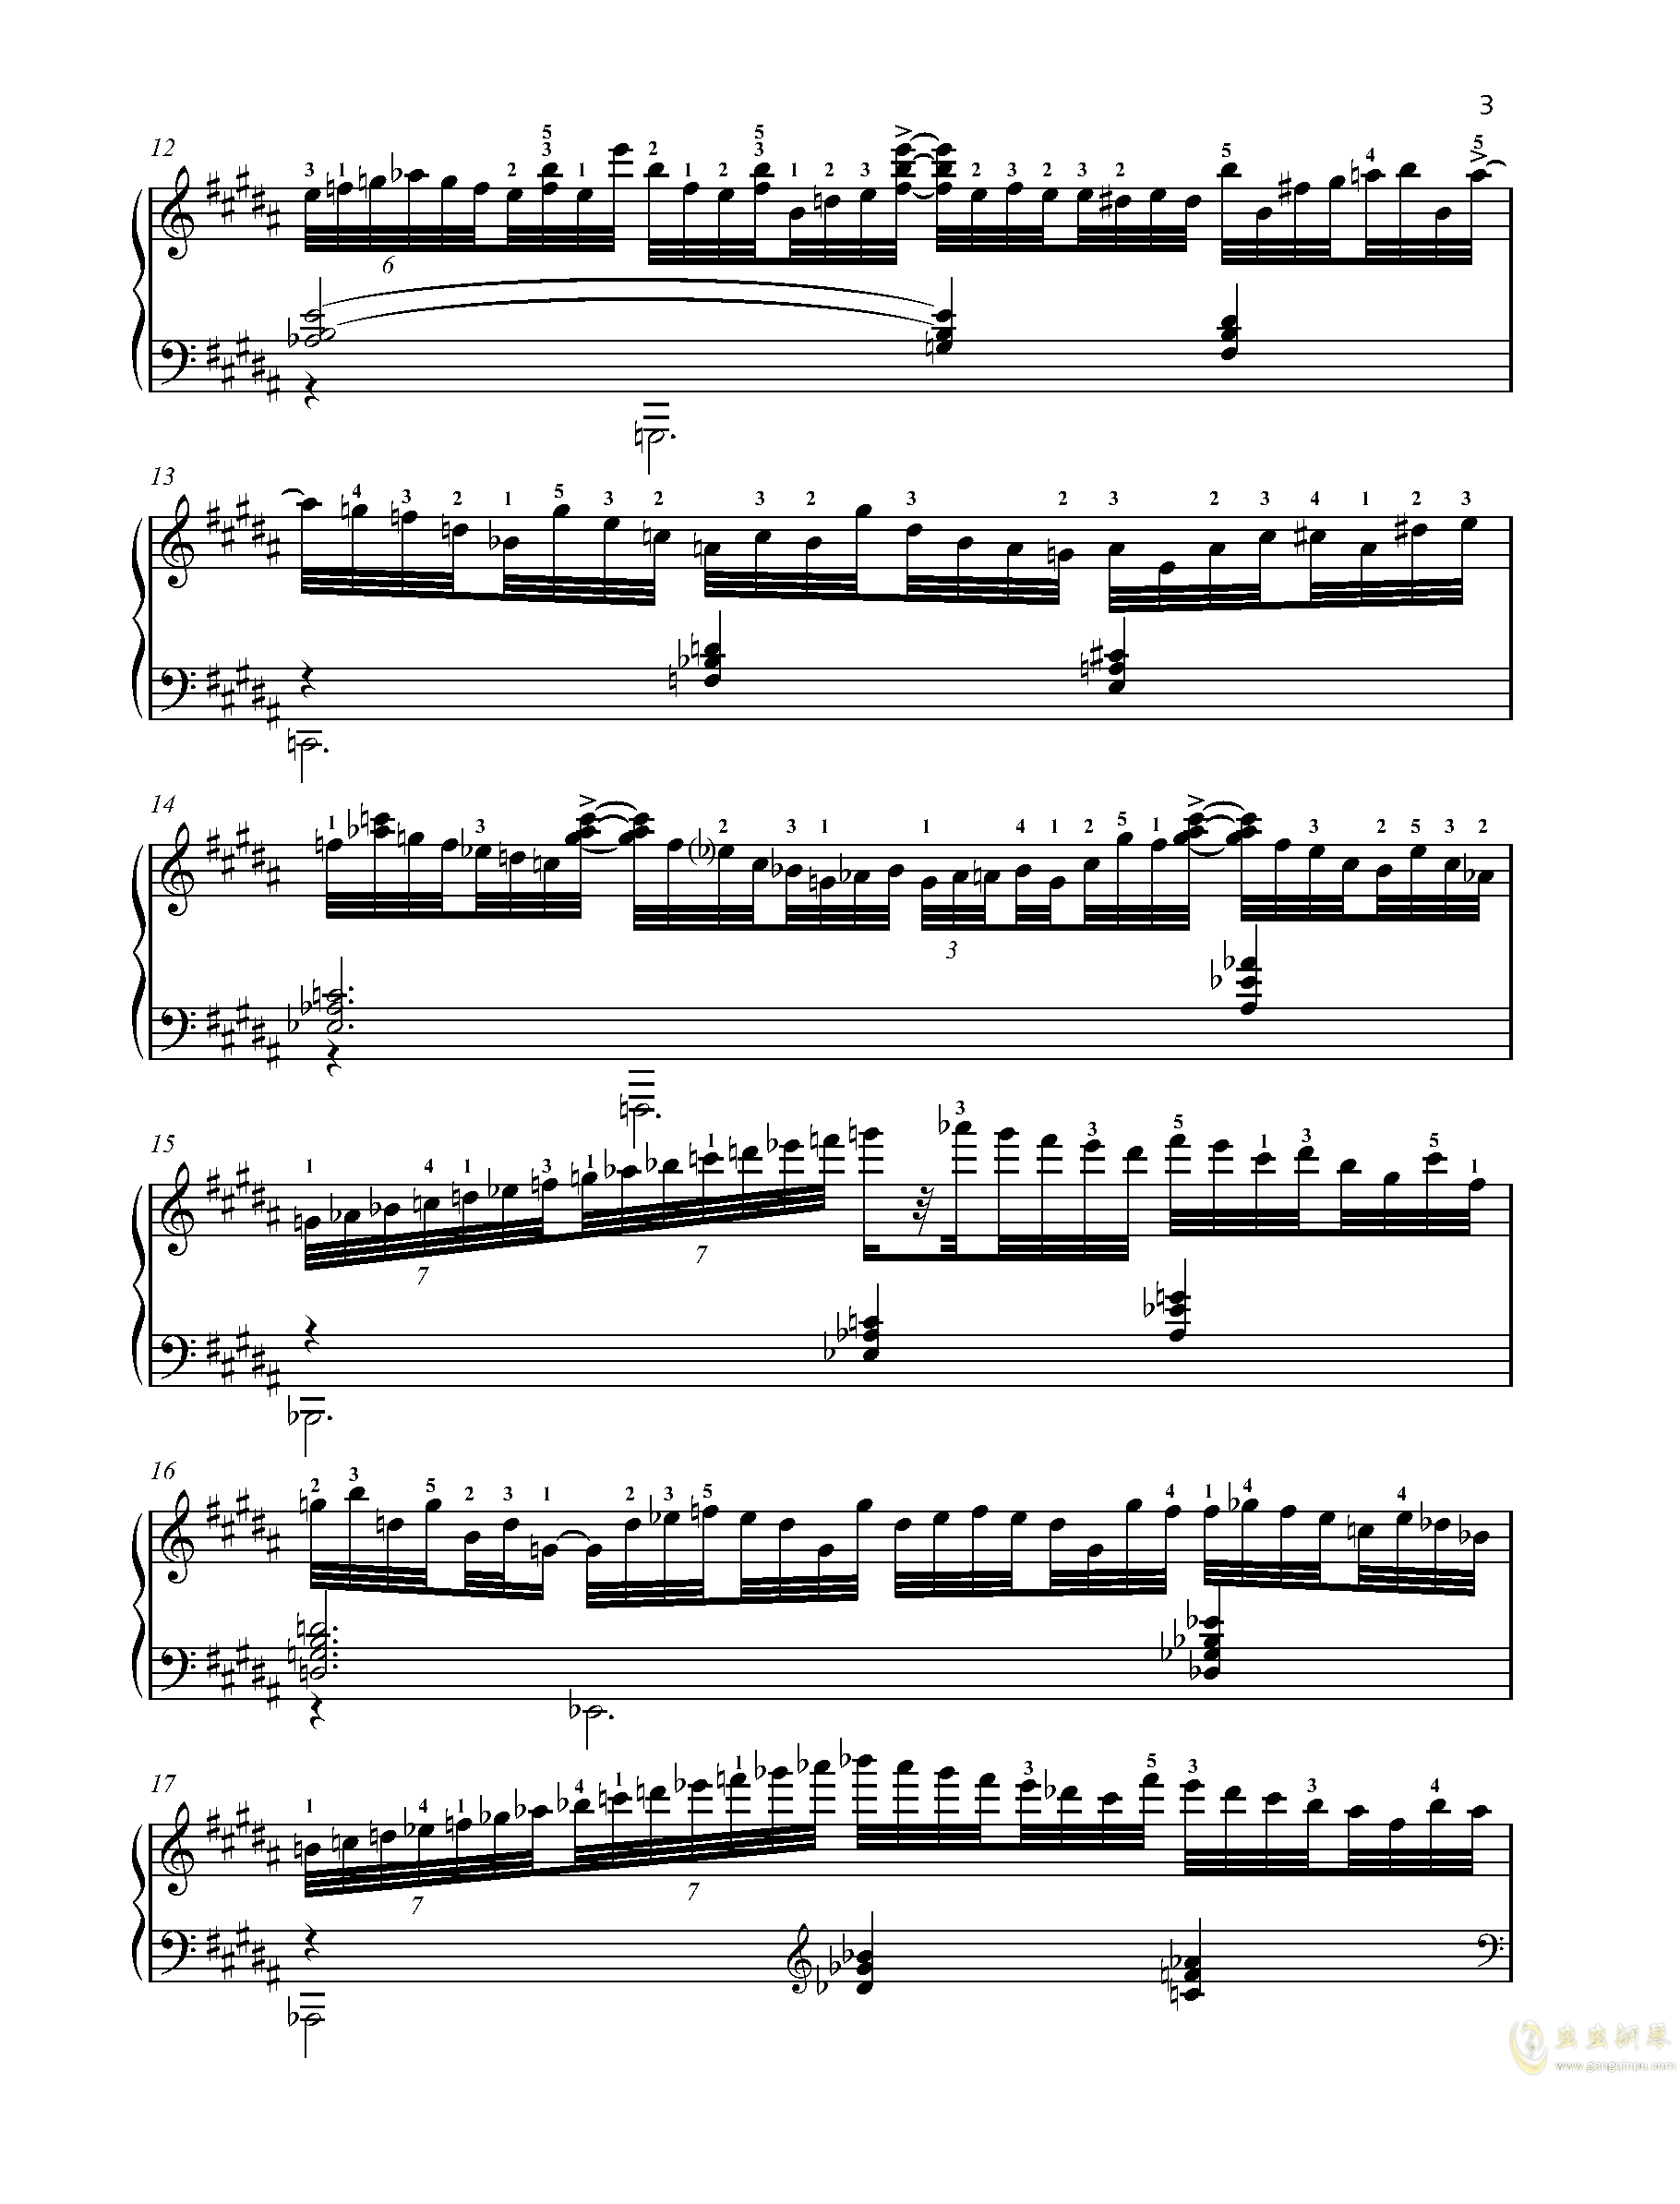 【爵士】【带指法】尼古拉斯凯帕斯汀 八首音乐会练习曲  Eight Concert 钢琴谱 第3页